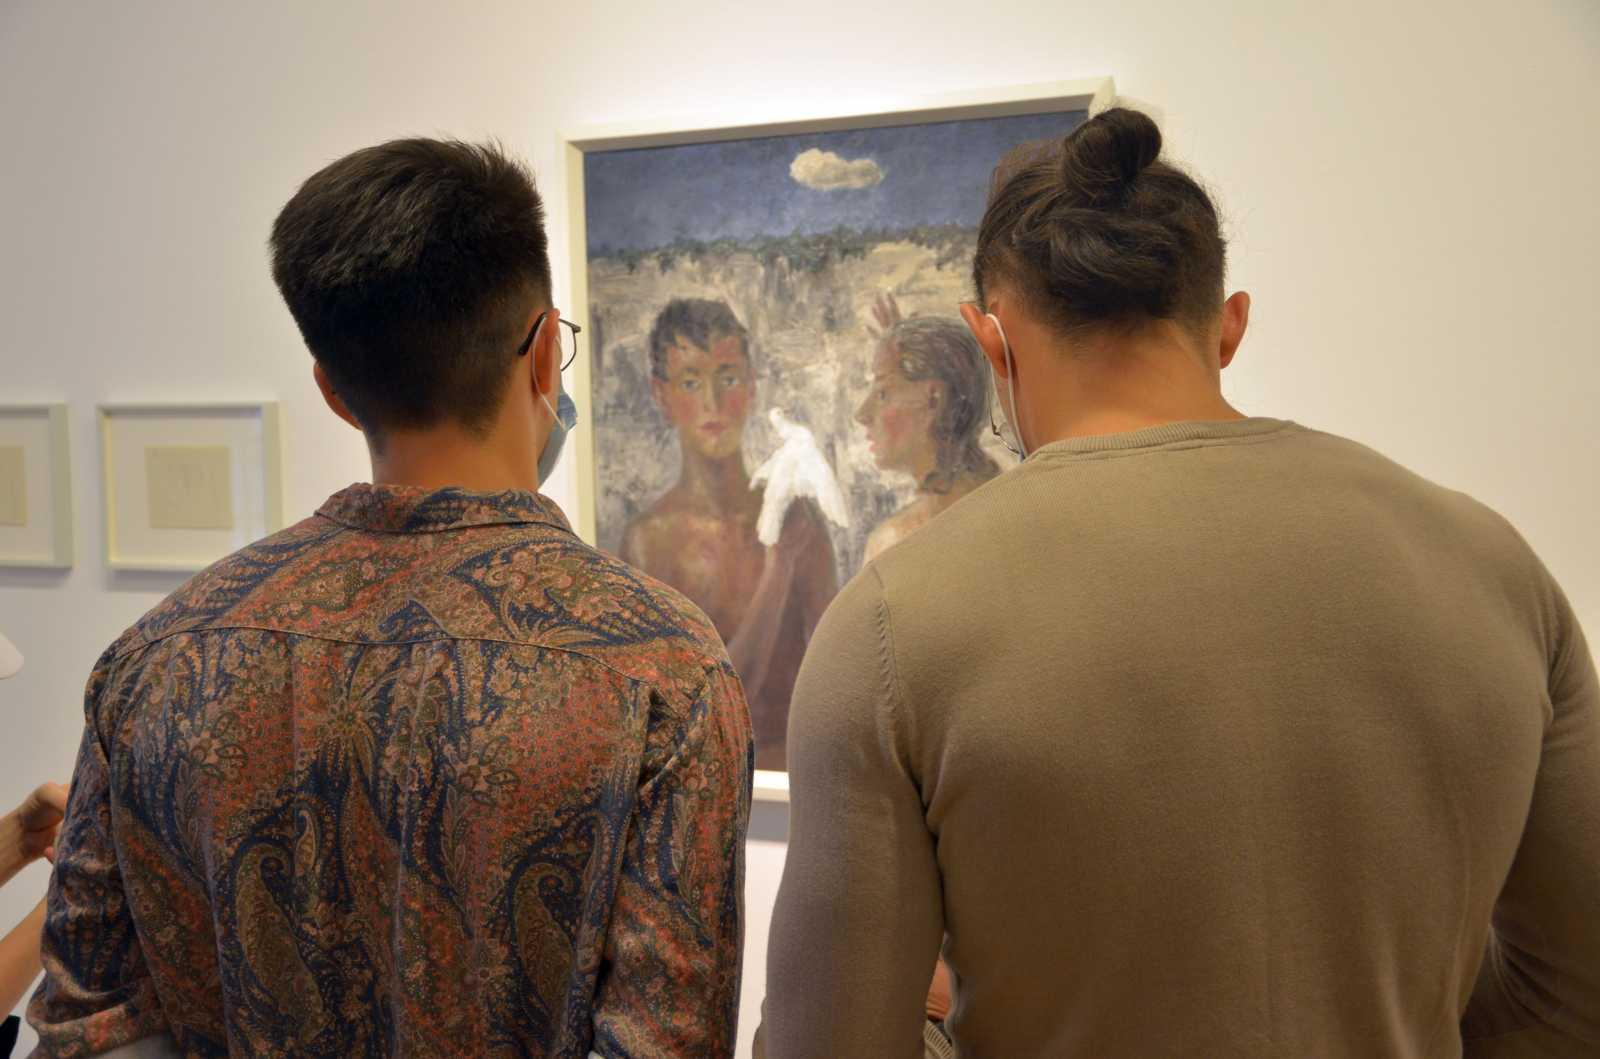 Az Ifjúság II. (1937) Nagy Albert korai olasz festészethez való vonzódását mutatja